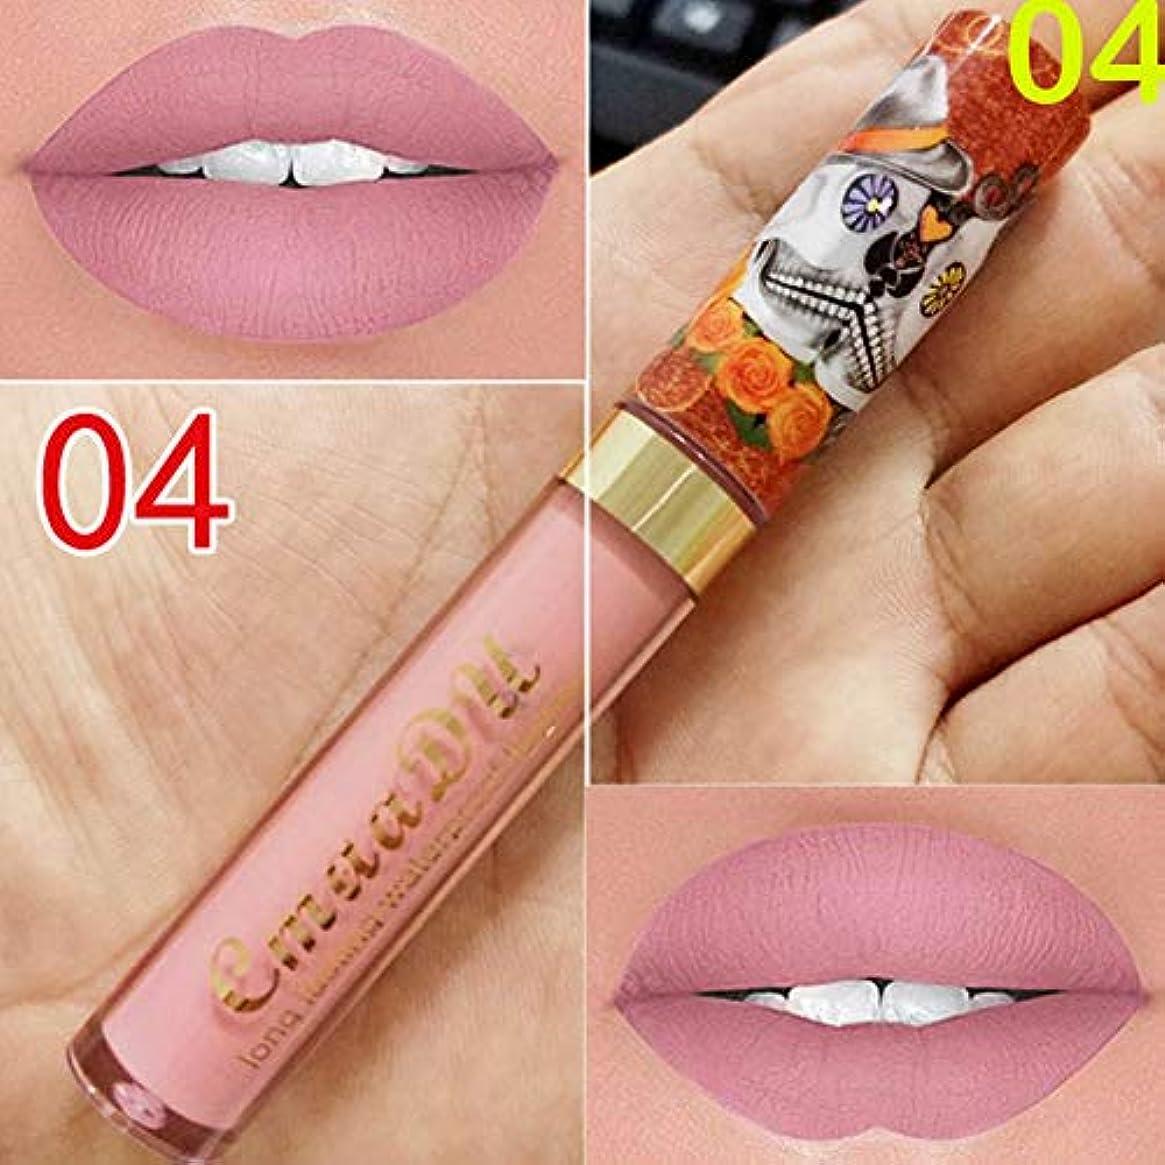 MeterMall 女性の無光沢の液体の口紅の防水長続きがする唇の光沢の構造の化粧品 つや消し 04